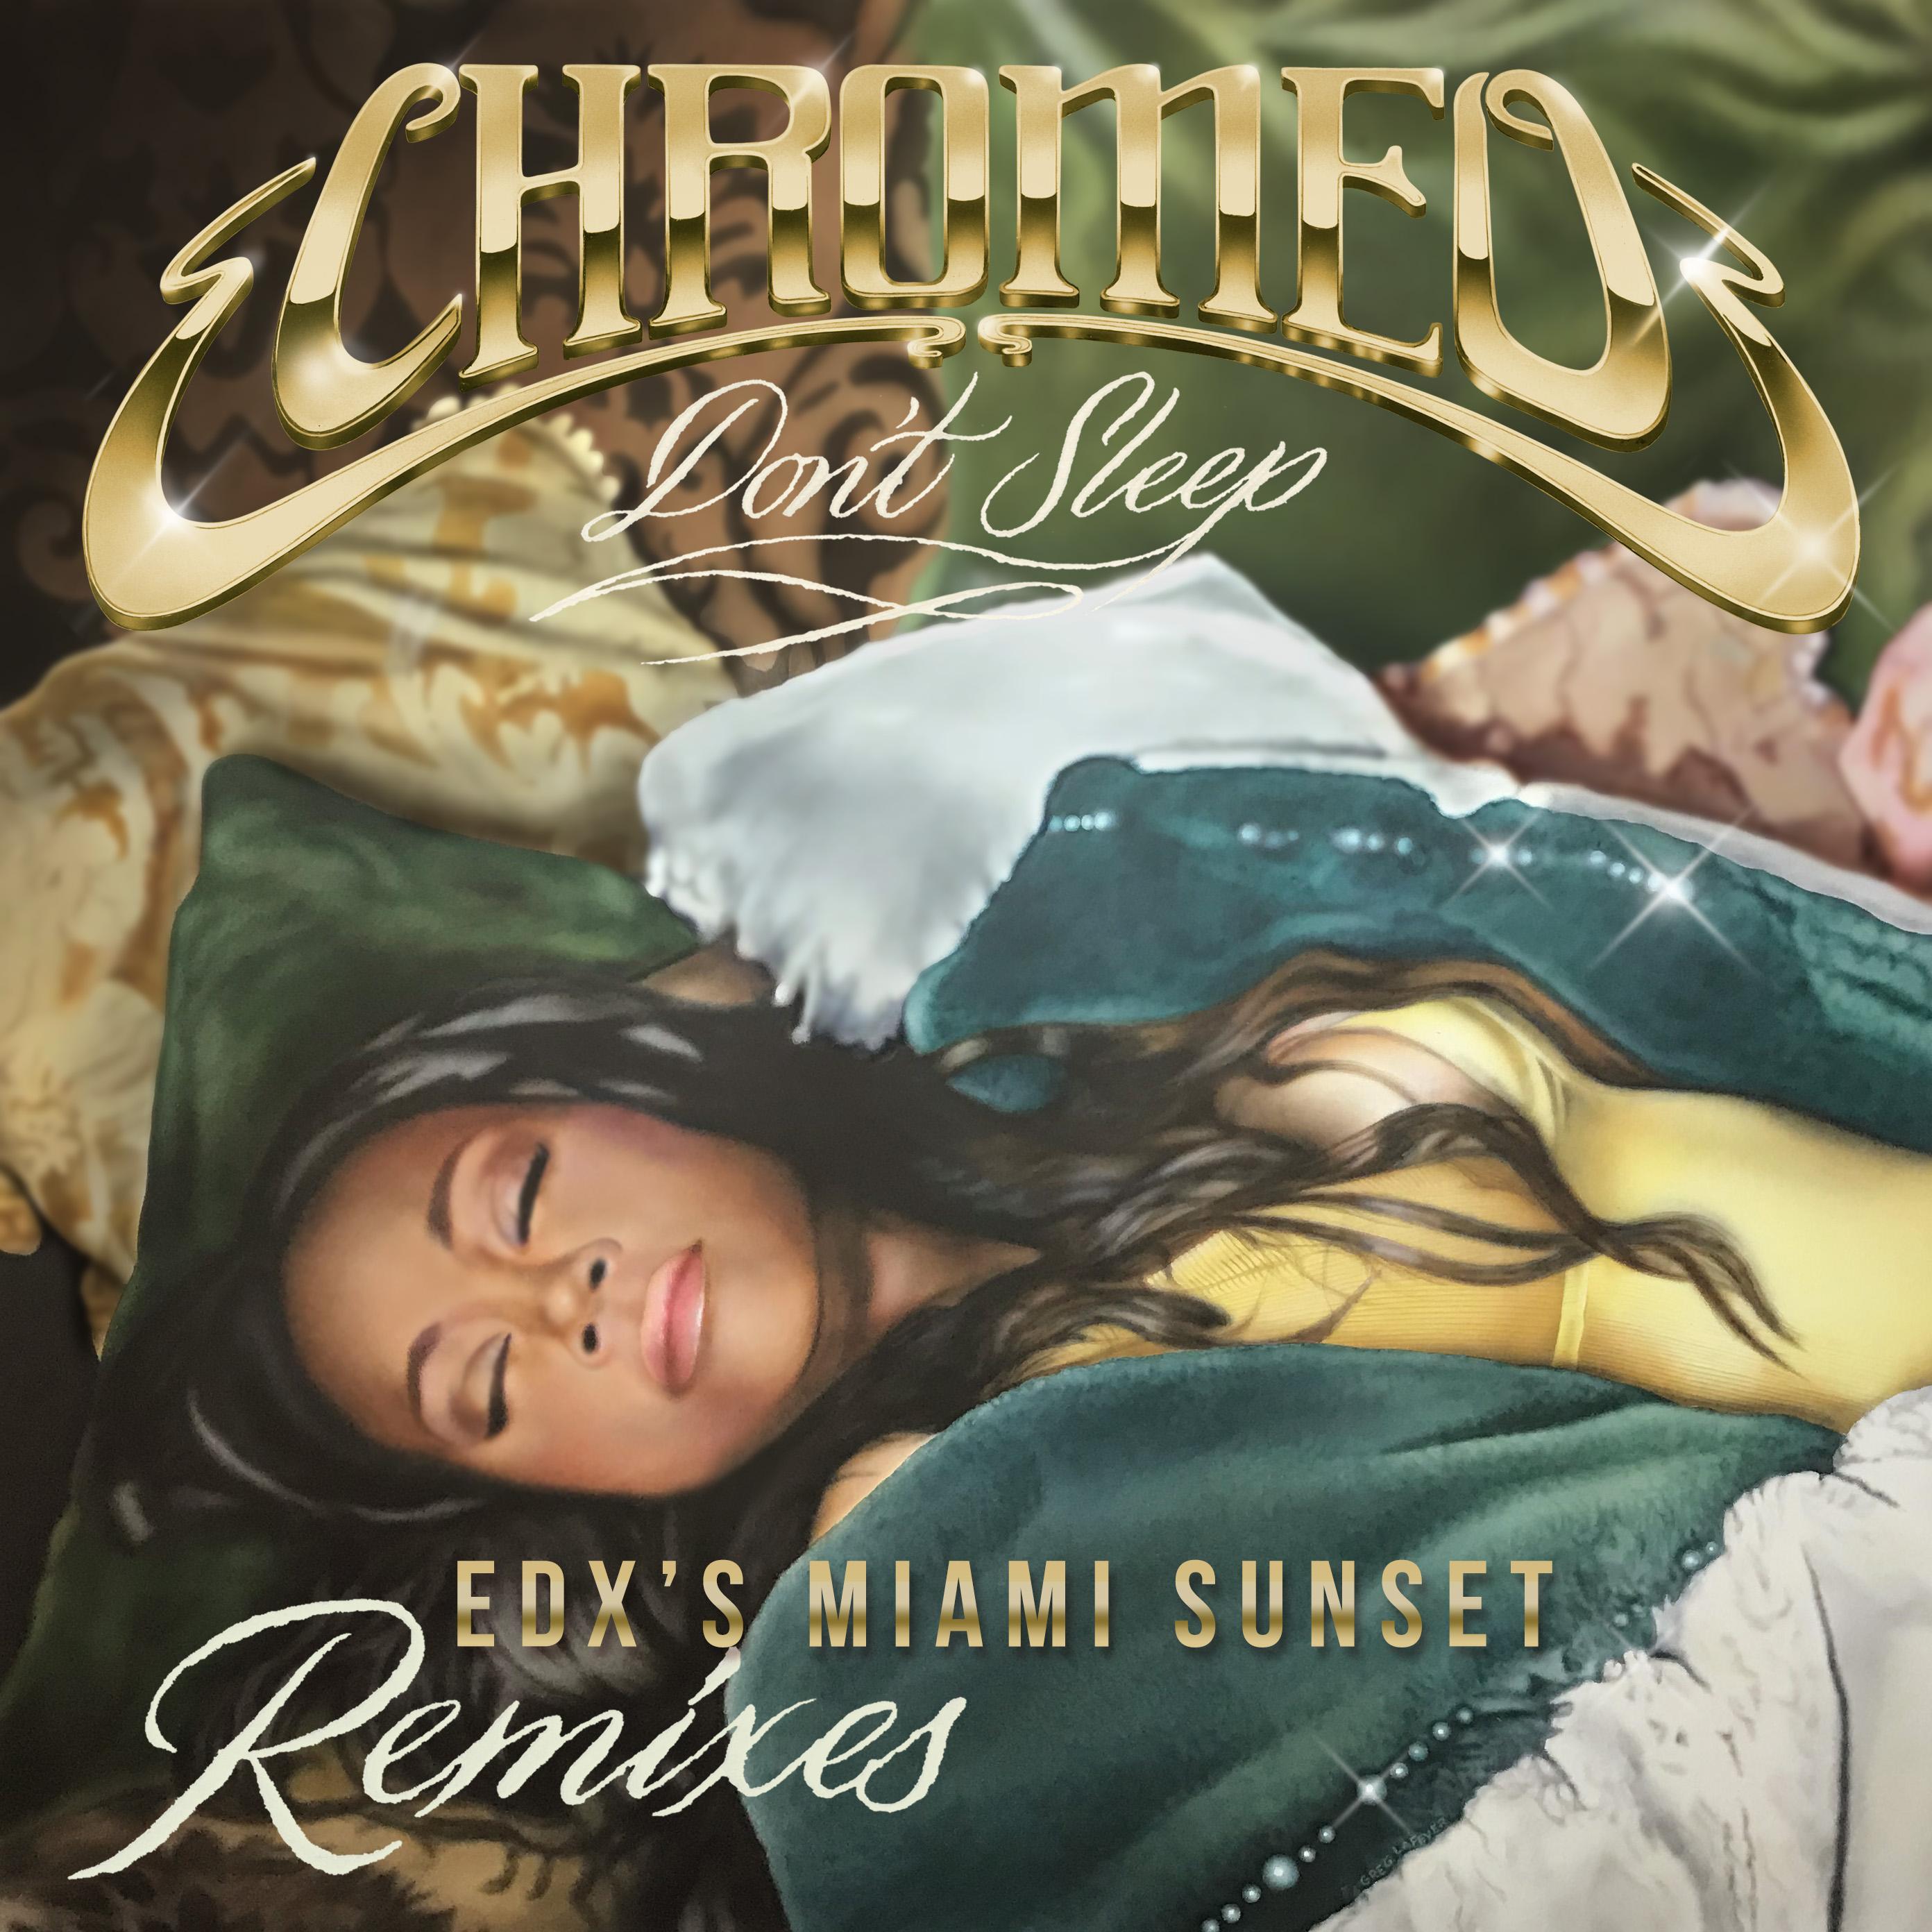 dont_sleep_remixes_final_edx_remix.jpg